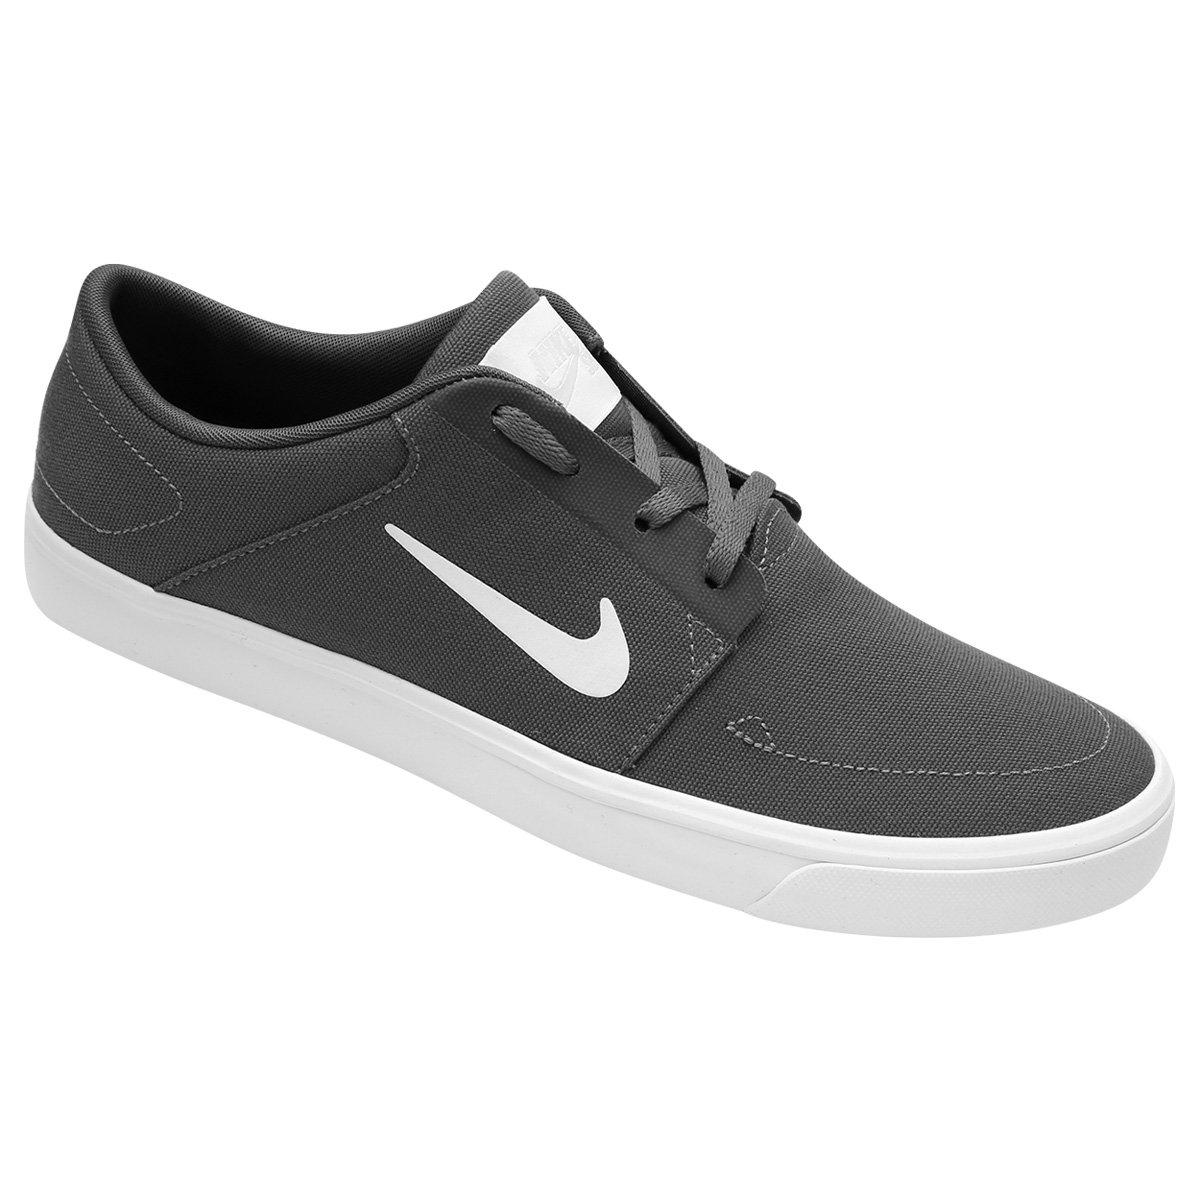 002860a7595 Tênis Nike Sb Portmore Cnvs Masculino - Compre Agora